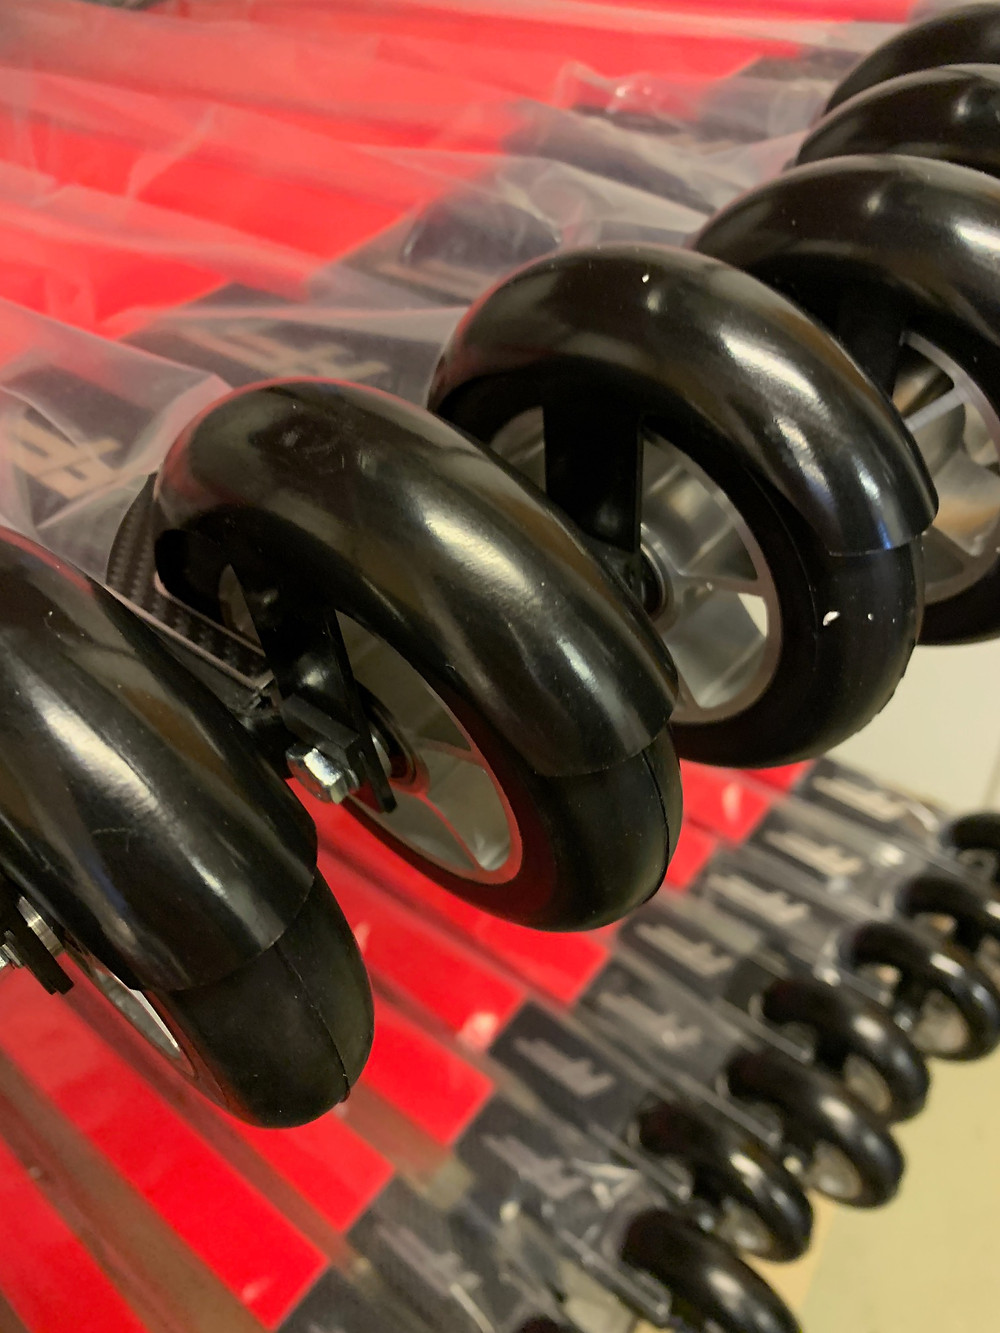 Nærbilde av de nye rulleskia ff skate med nye sorte skjermer, skia ligger fremdeles i plastikk, hjul med blanke felger